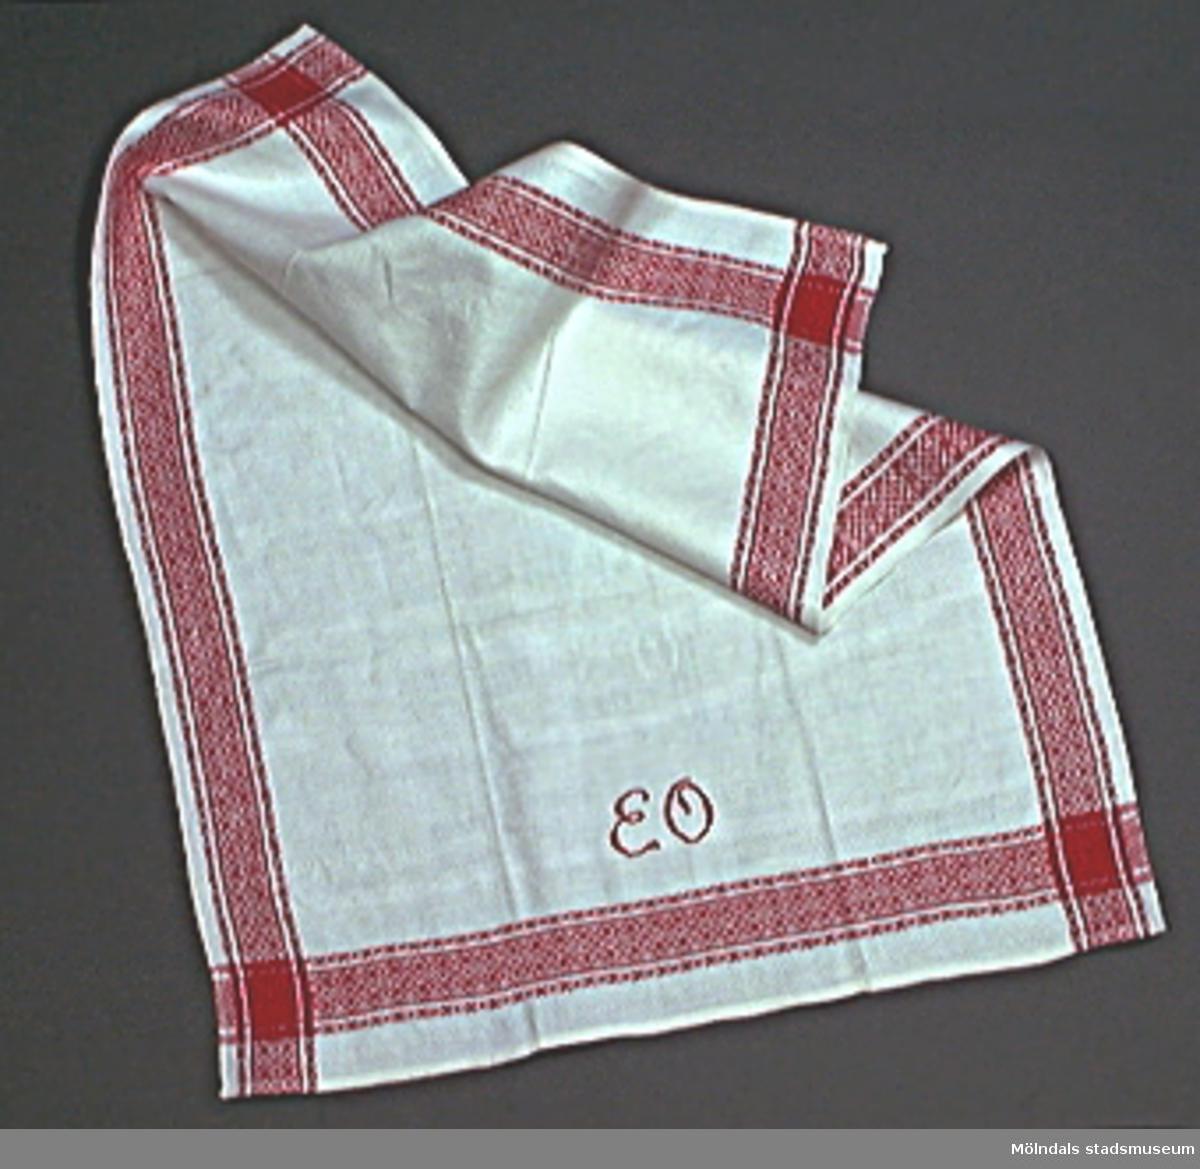 Två handdukar med broderat namn.